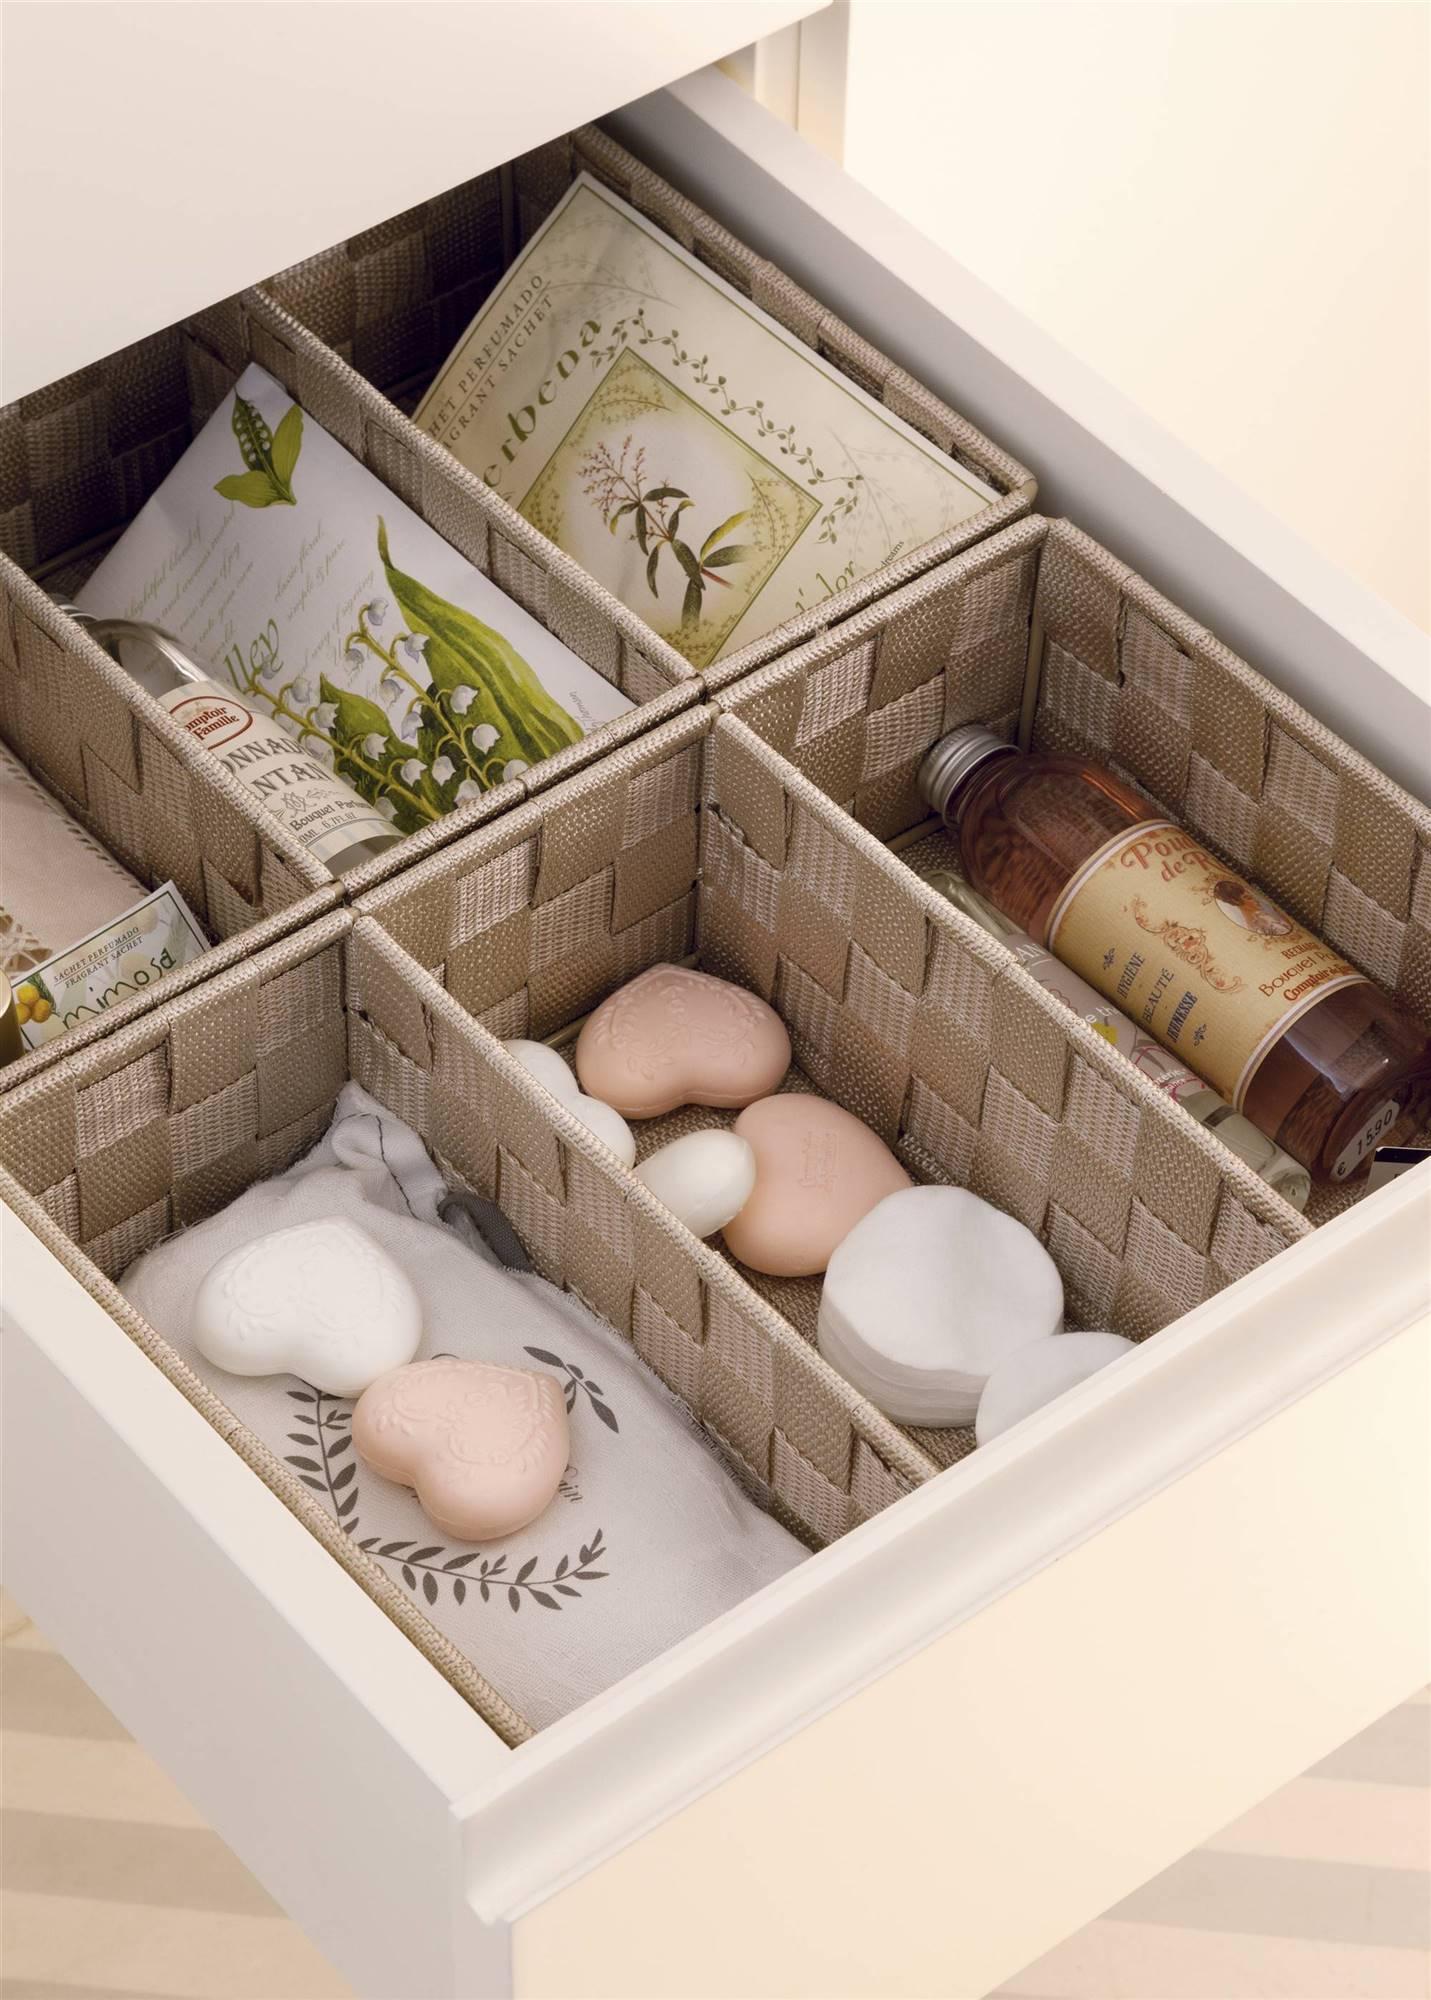 Agrega divisores de espacio en cajones de tu baño